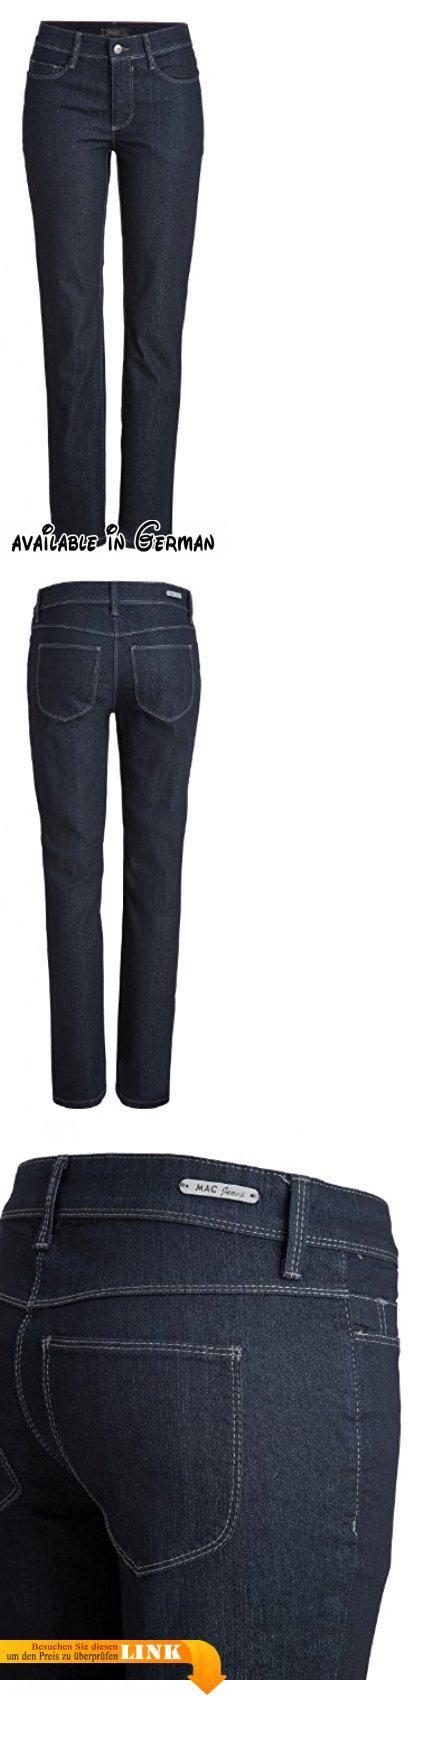 MAC Angela Damen Jeans Hose 0302L526290 d801dark rinsewash, Farbe:d801dark rinsewash;Größe:W38/L34. Material Oberstoff: 80% Baumwolle, 18% Polyester, 2% Elasthan. Pflegehinweise: Maschinenwäsche bei 40° C, Schonwaschgang #Apparel #PANTS